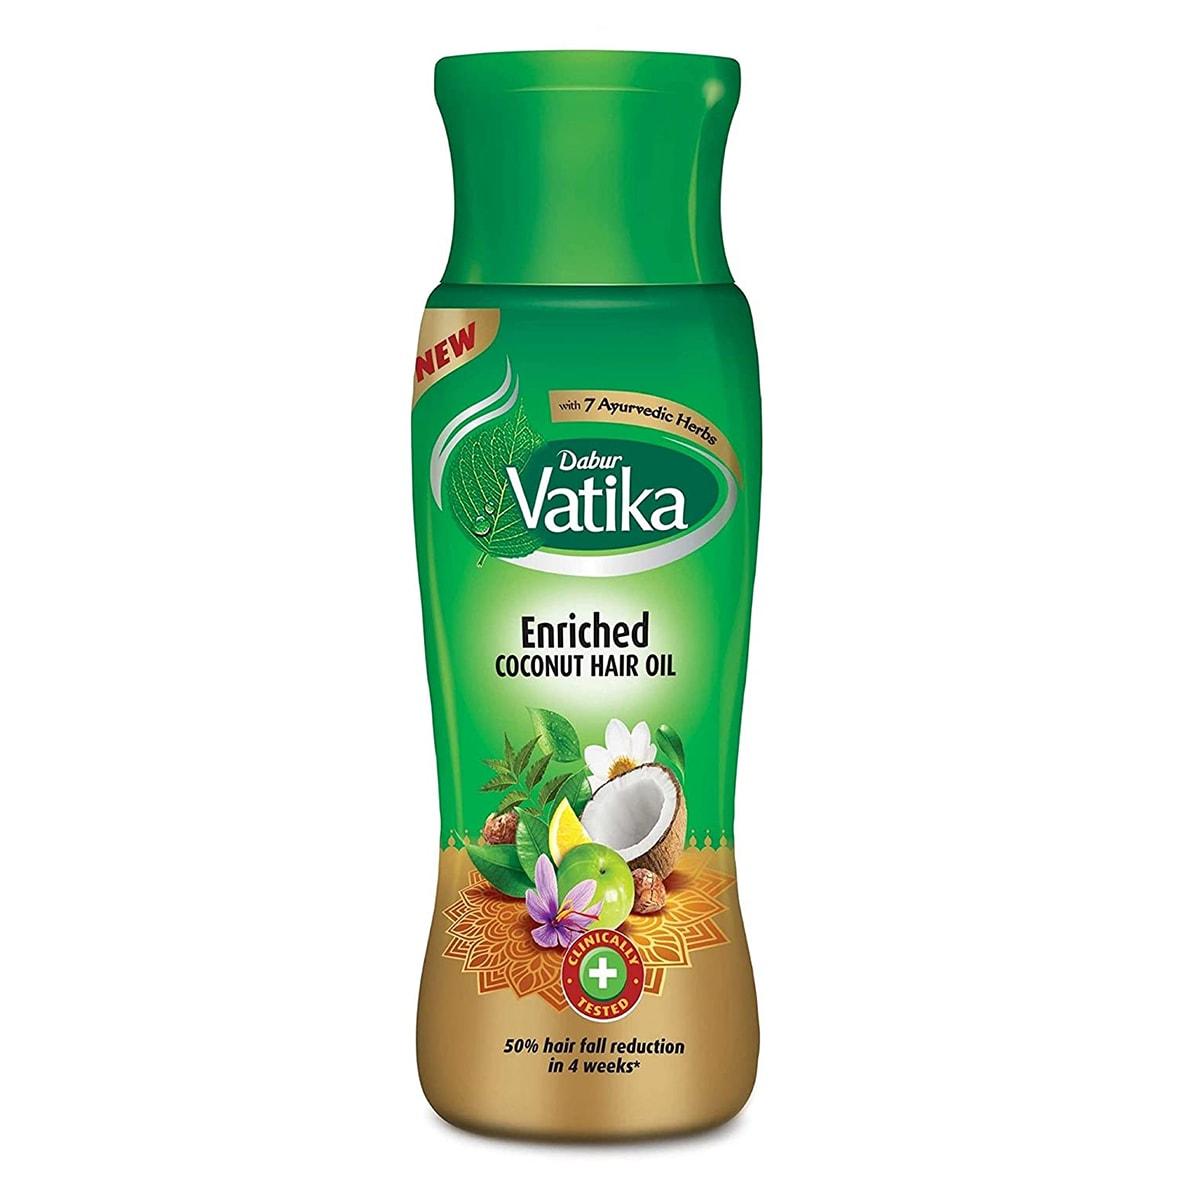 Vatika Enriched Coconut Hair Oil - 150 ml